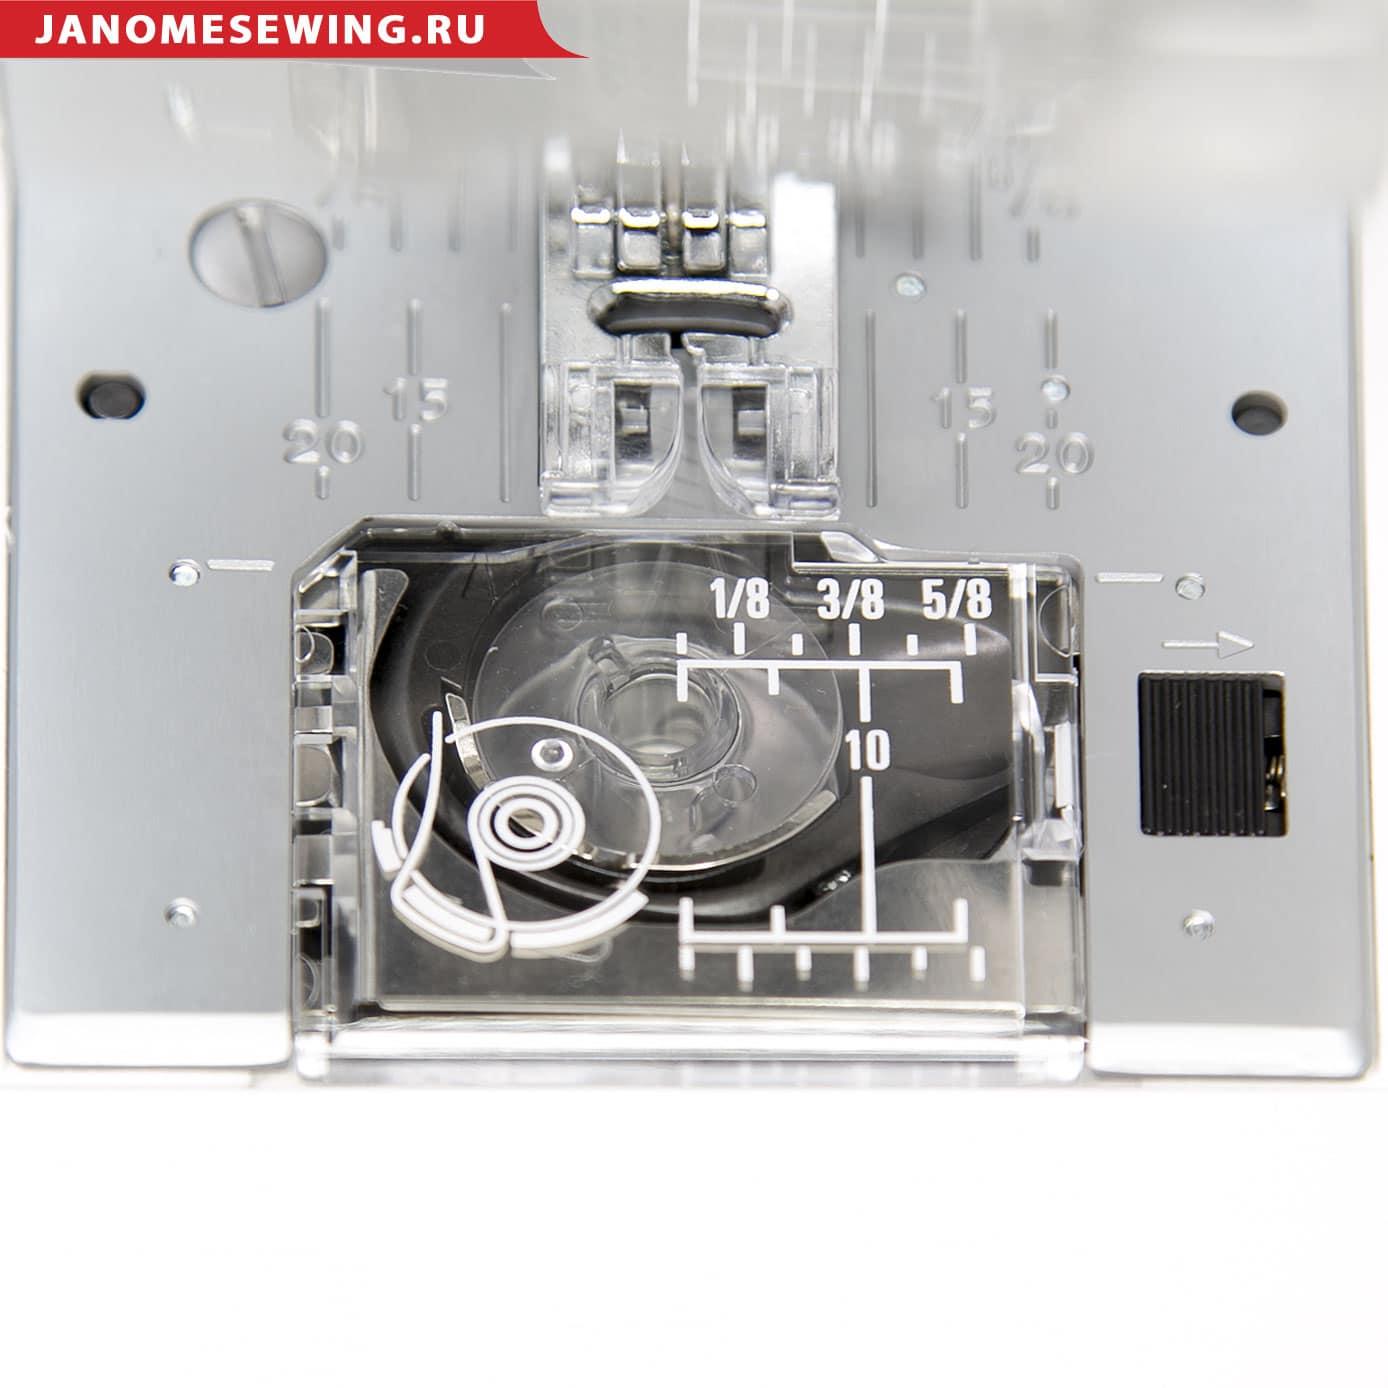 челнок Janome ArtDecor 724A